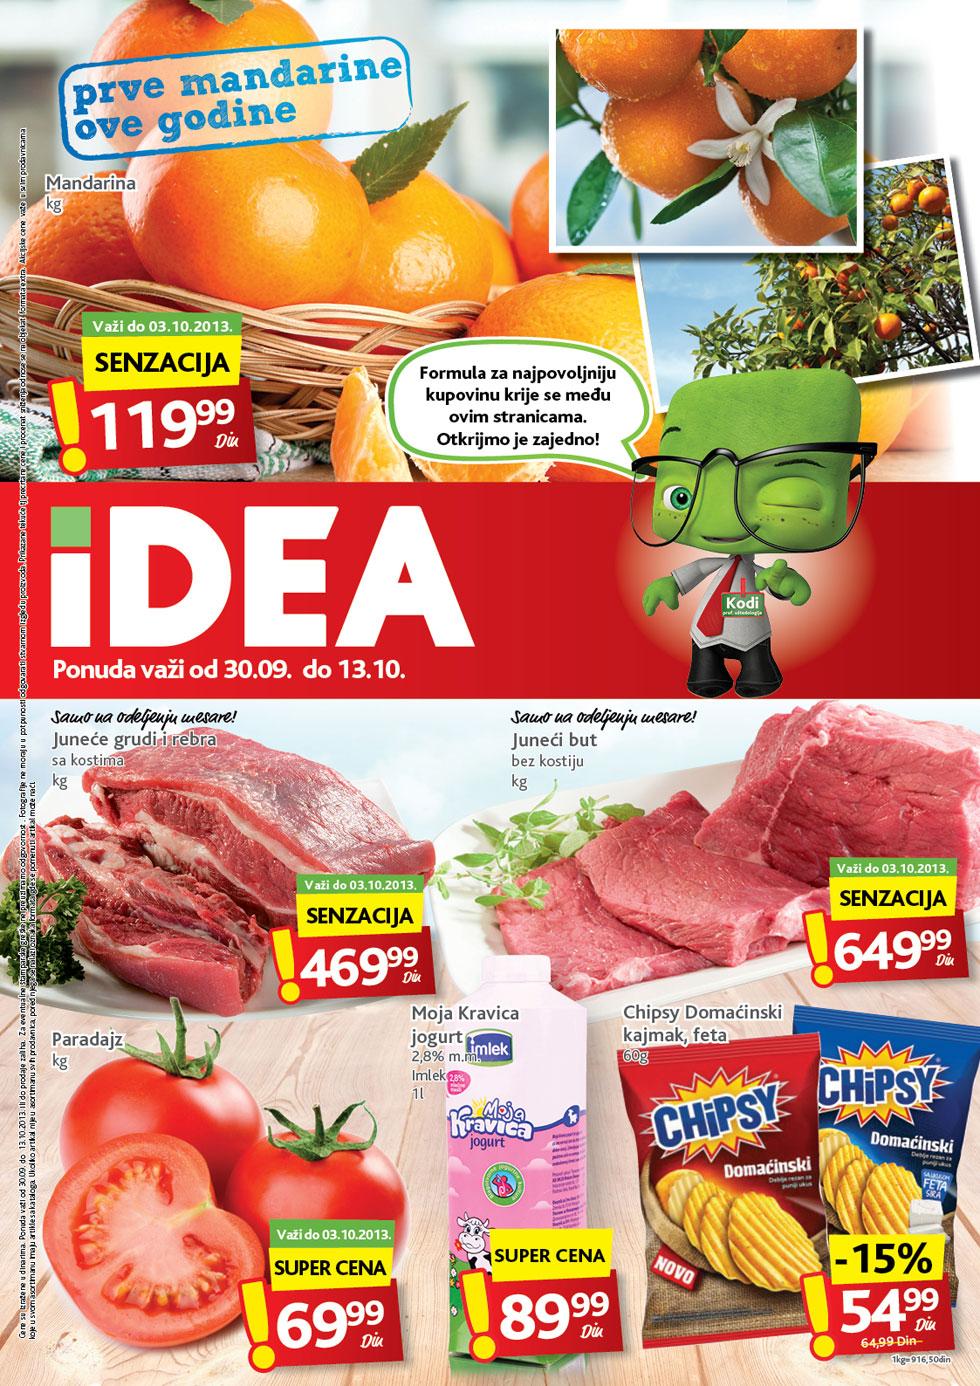 Idea katalog super ponuda za vas